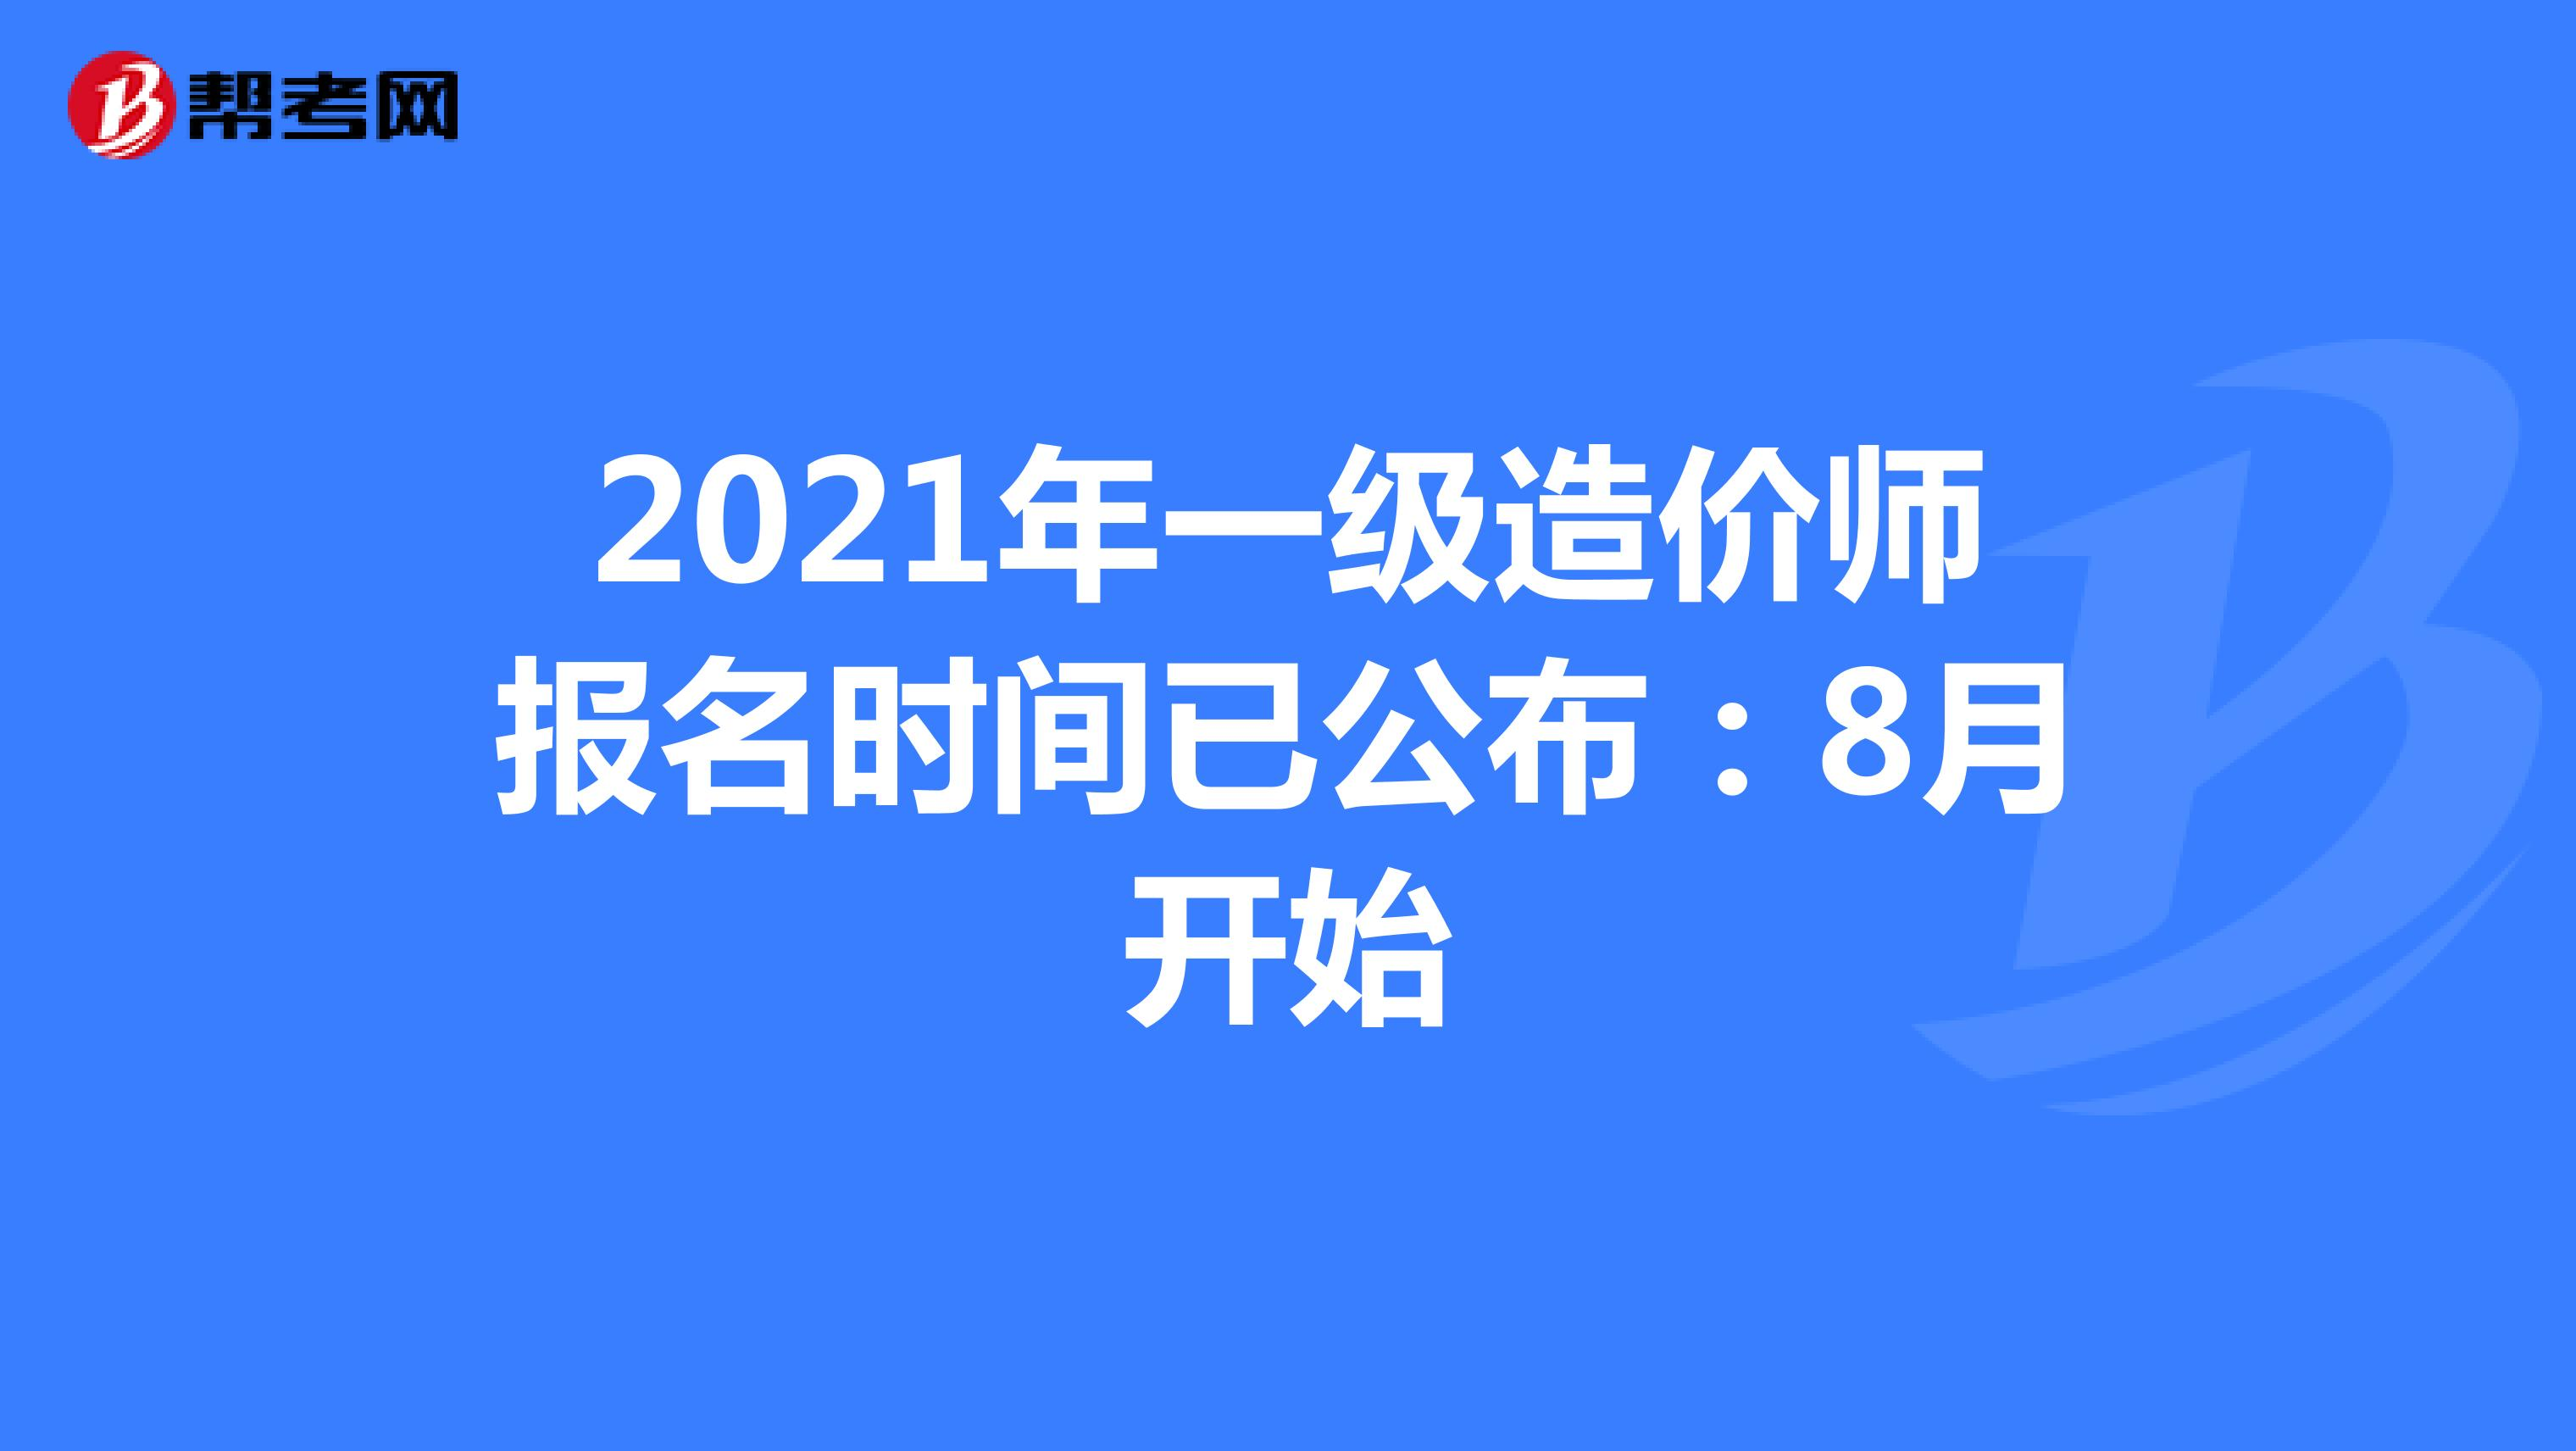 2021年一级造价师报名时间已公布:8月开始